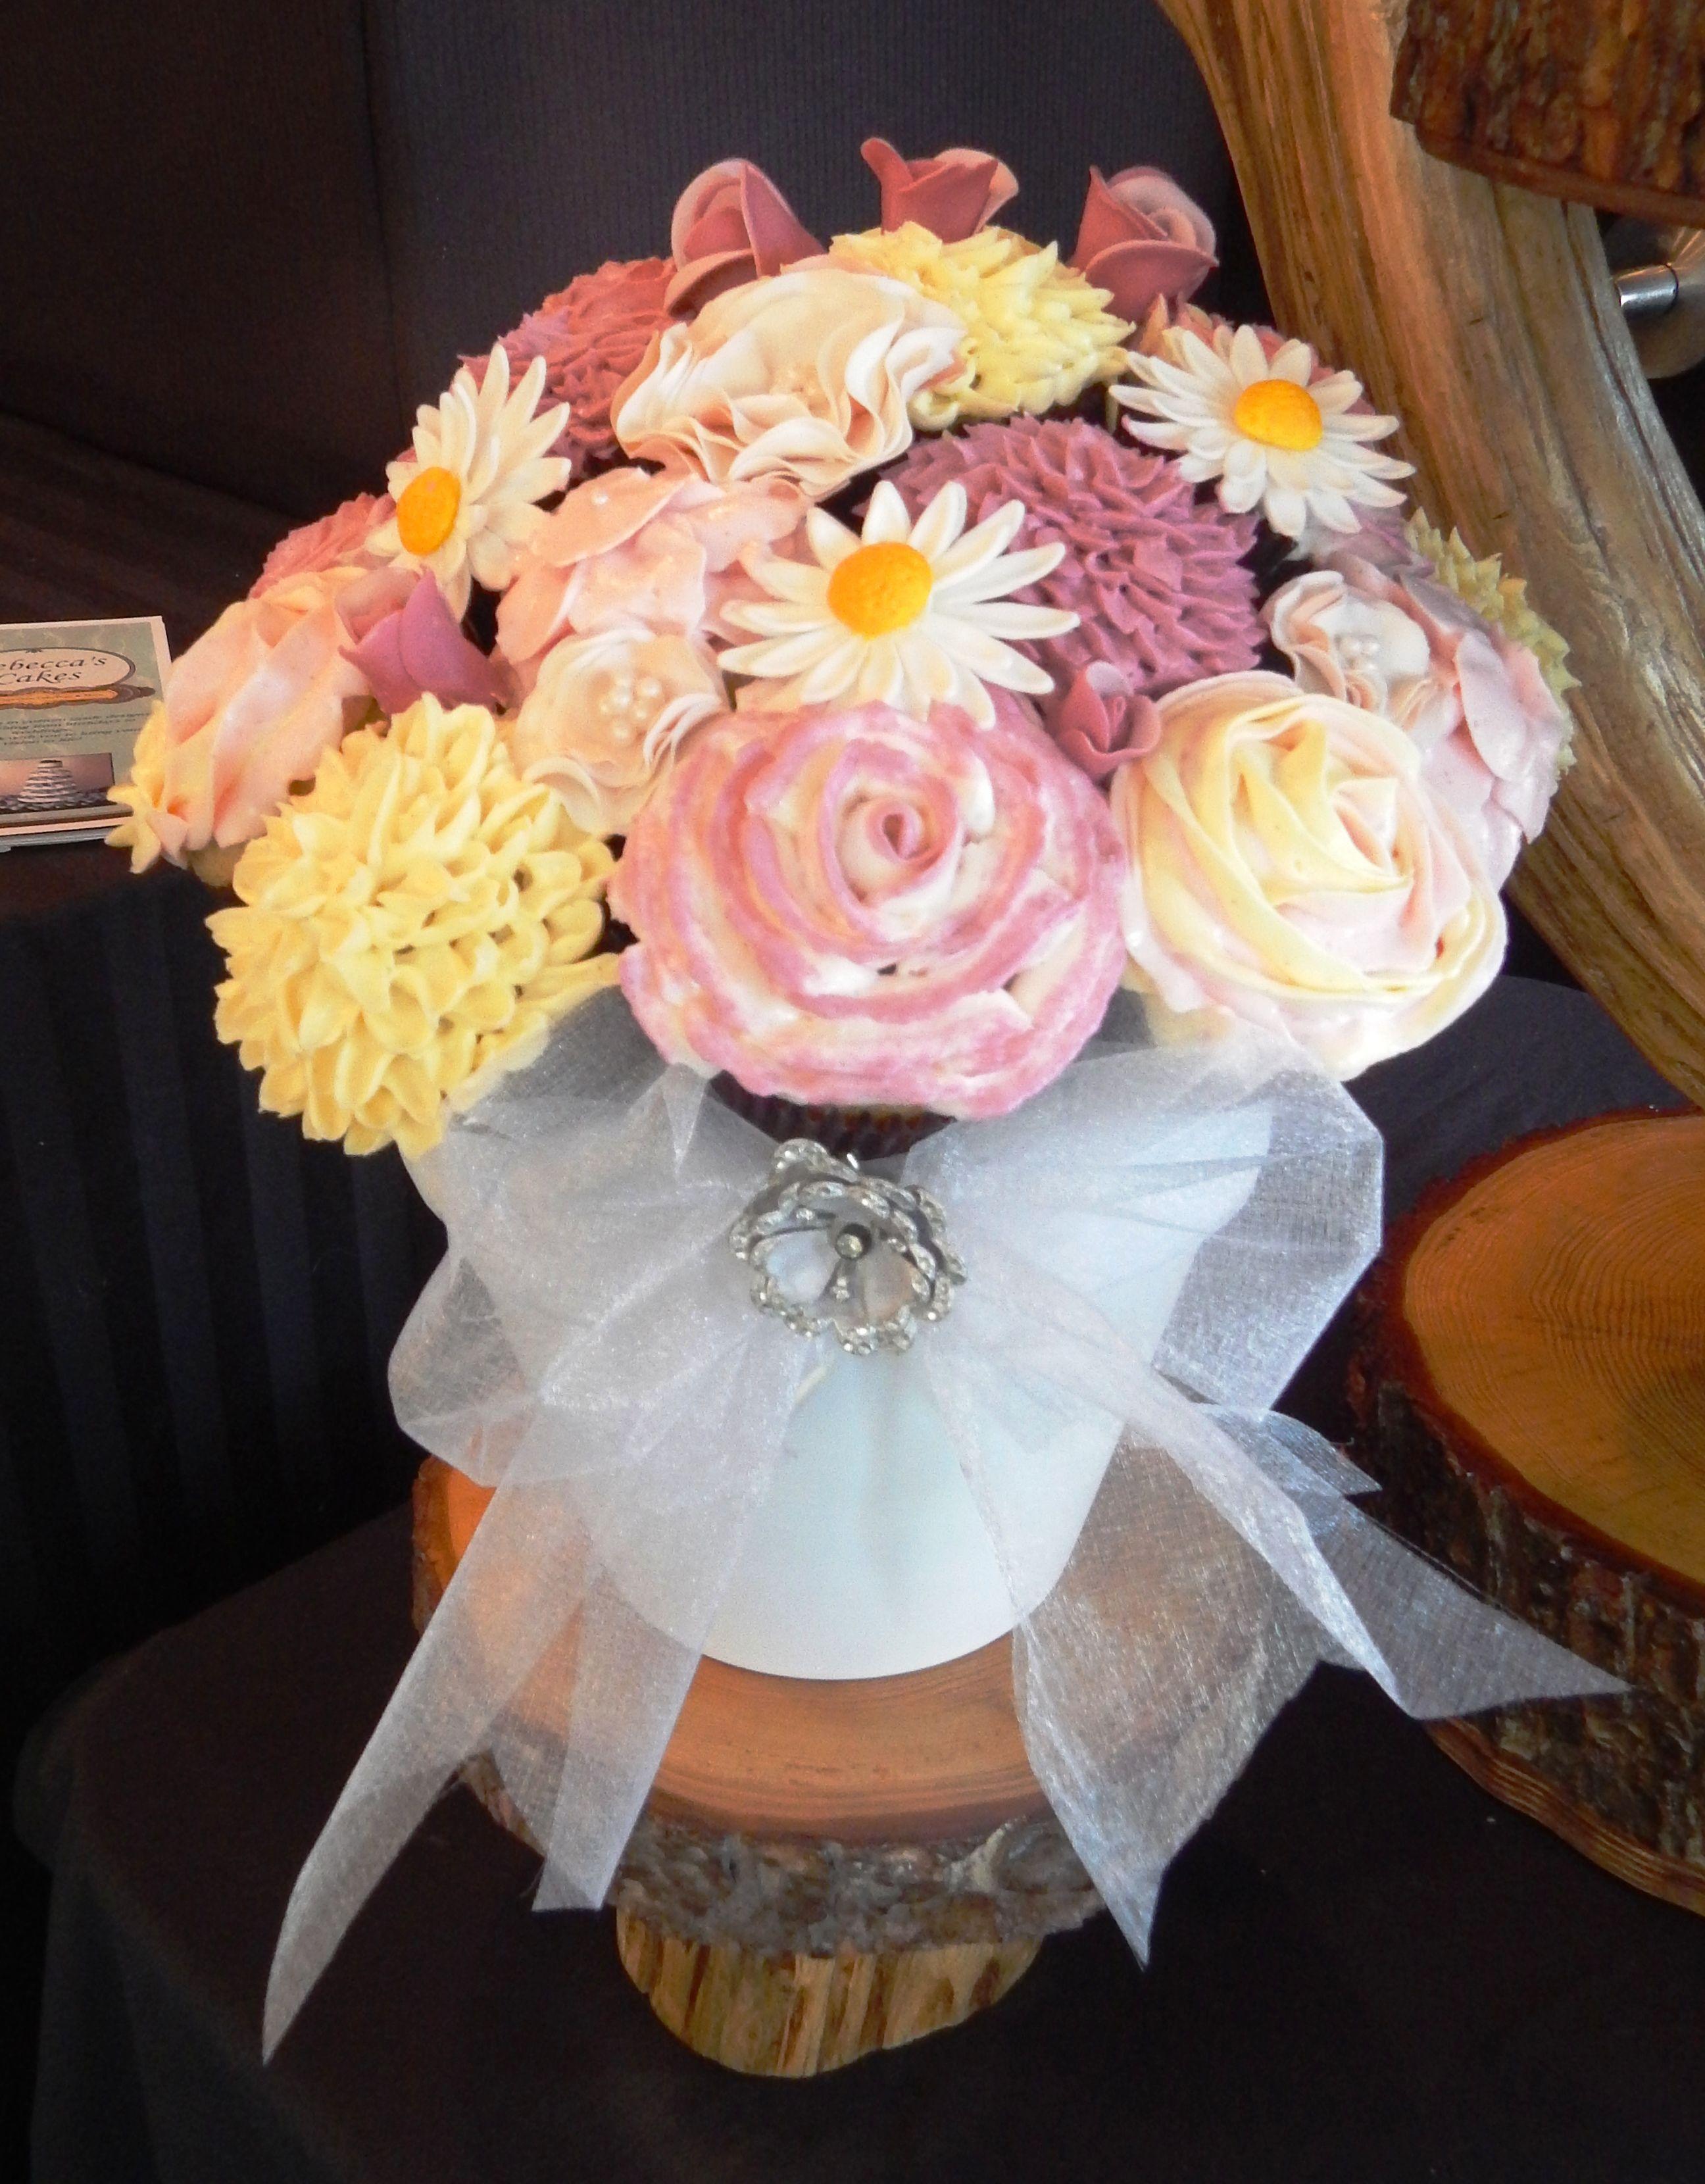 Cupcake bouquet with gumpaste flowers wedding cakes pinterest cupcake bouquet with gumpaste flowers izmirmasajfo